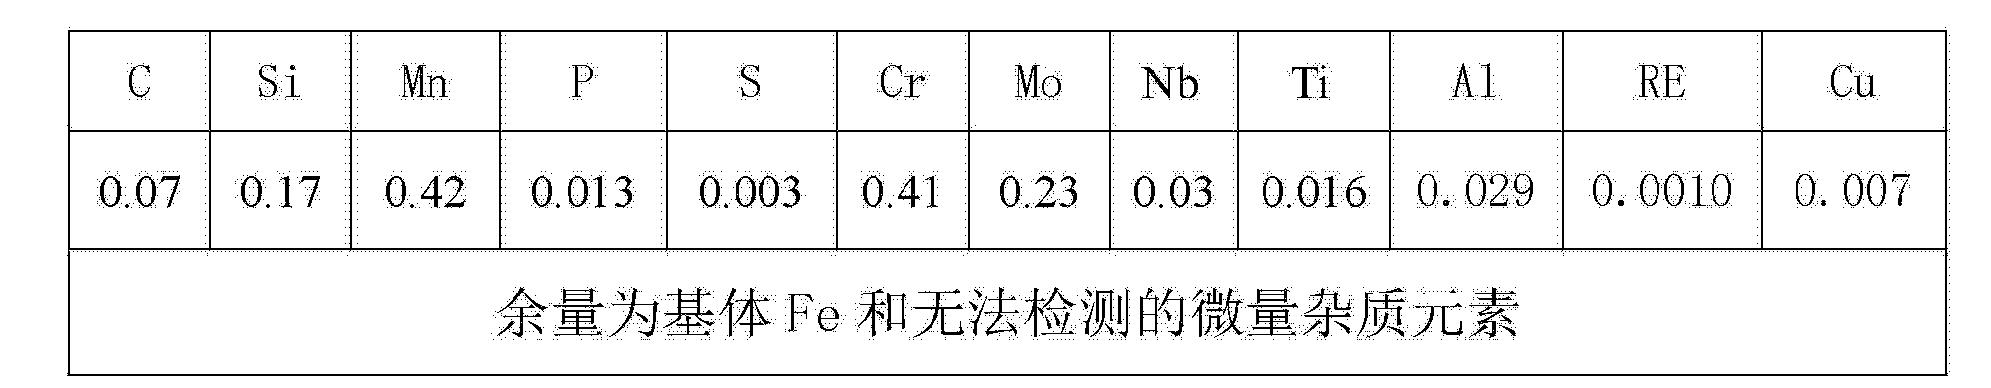 Figure CN102367550BD00083